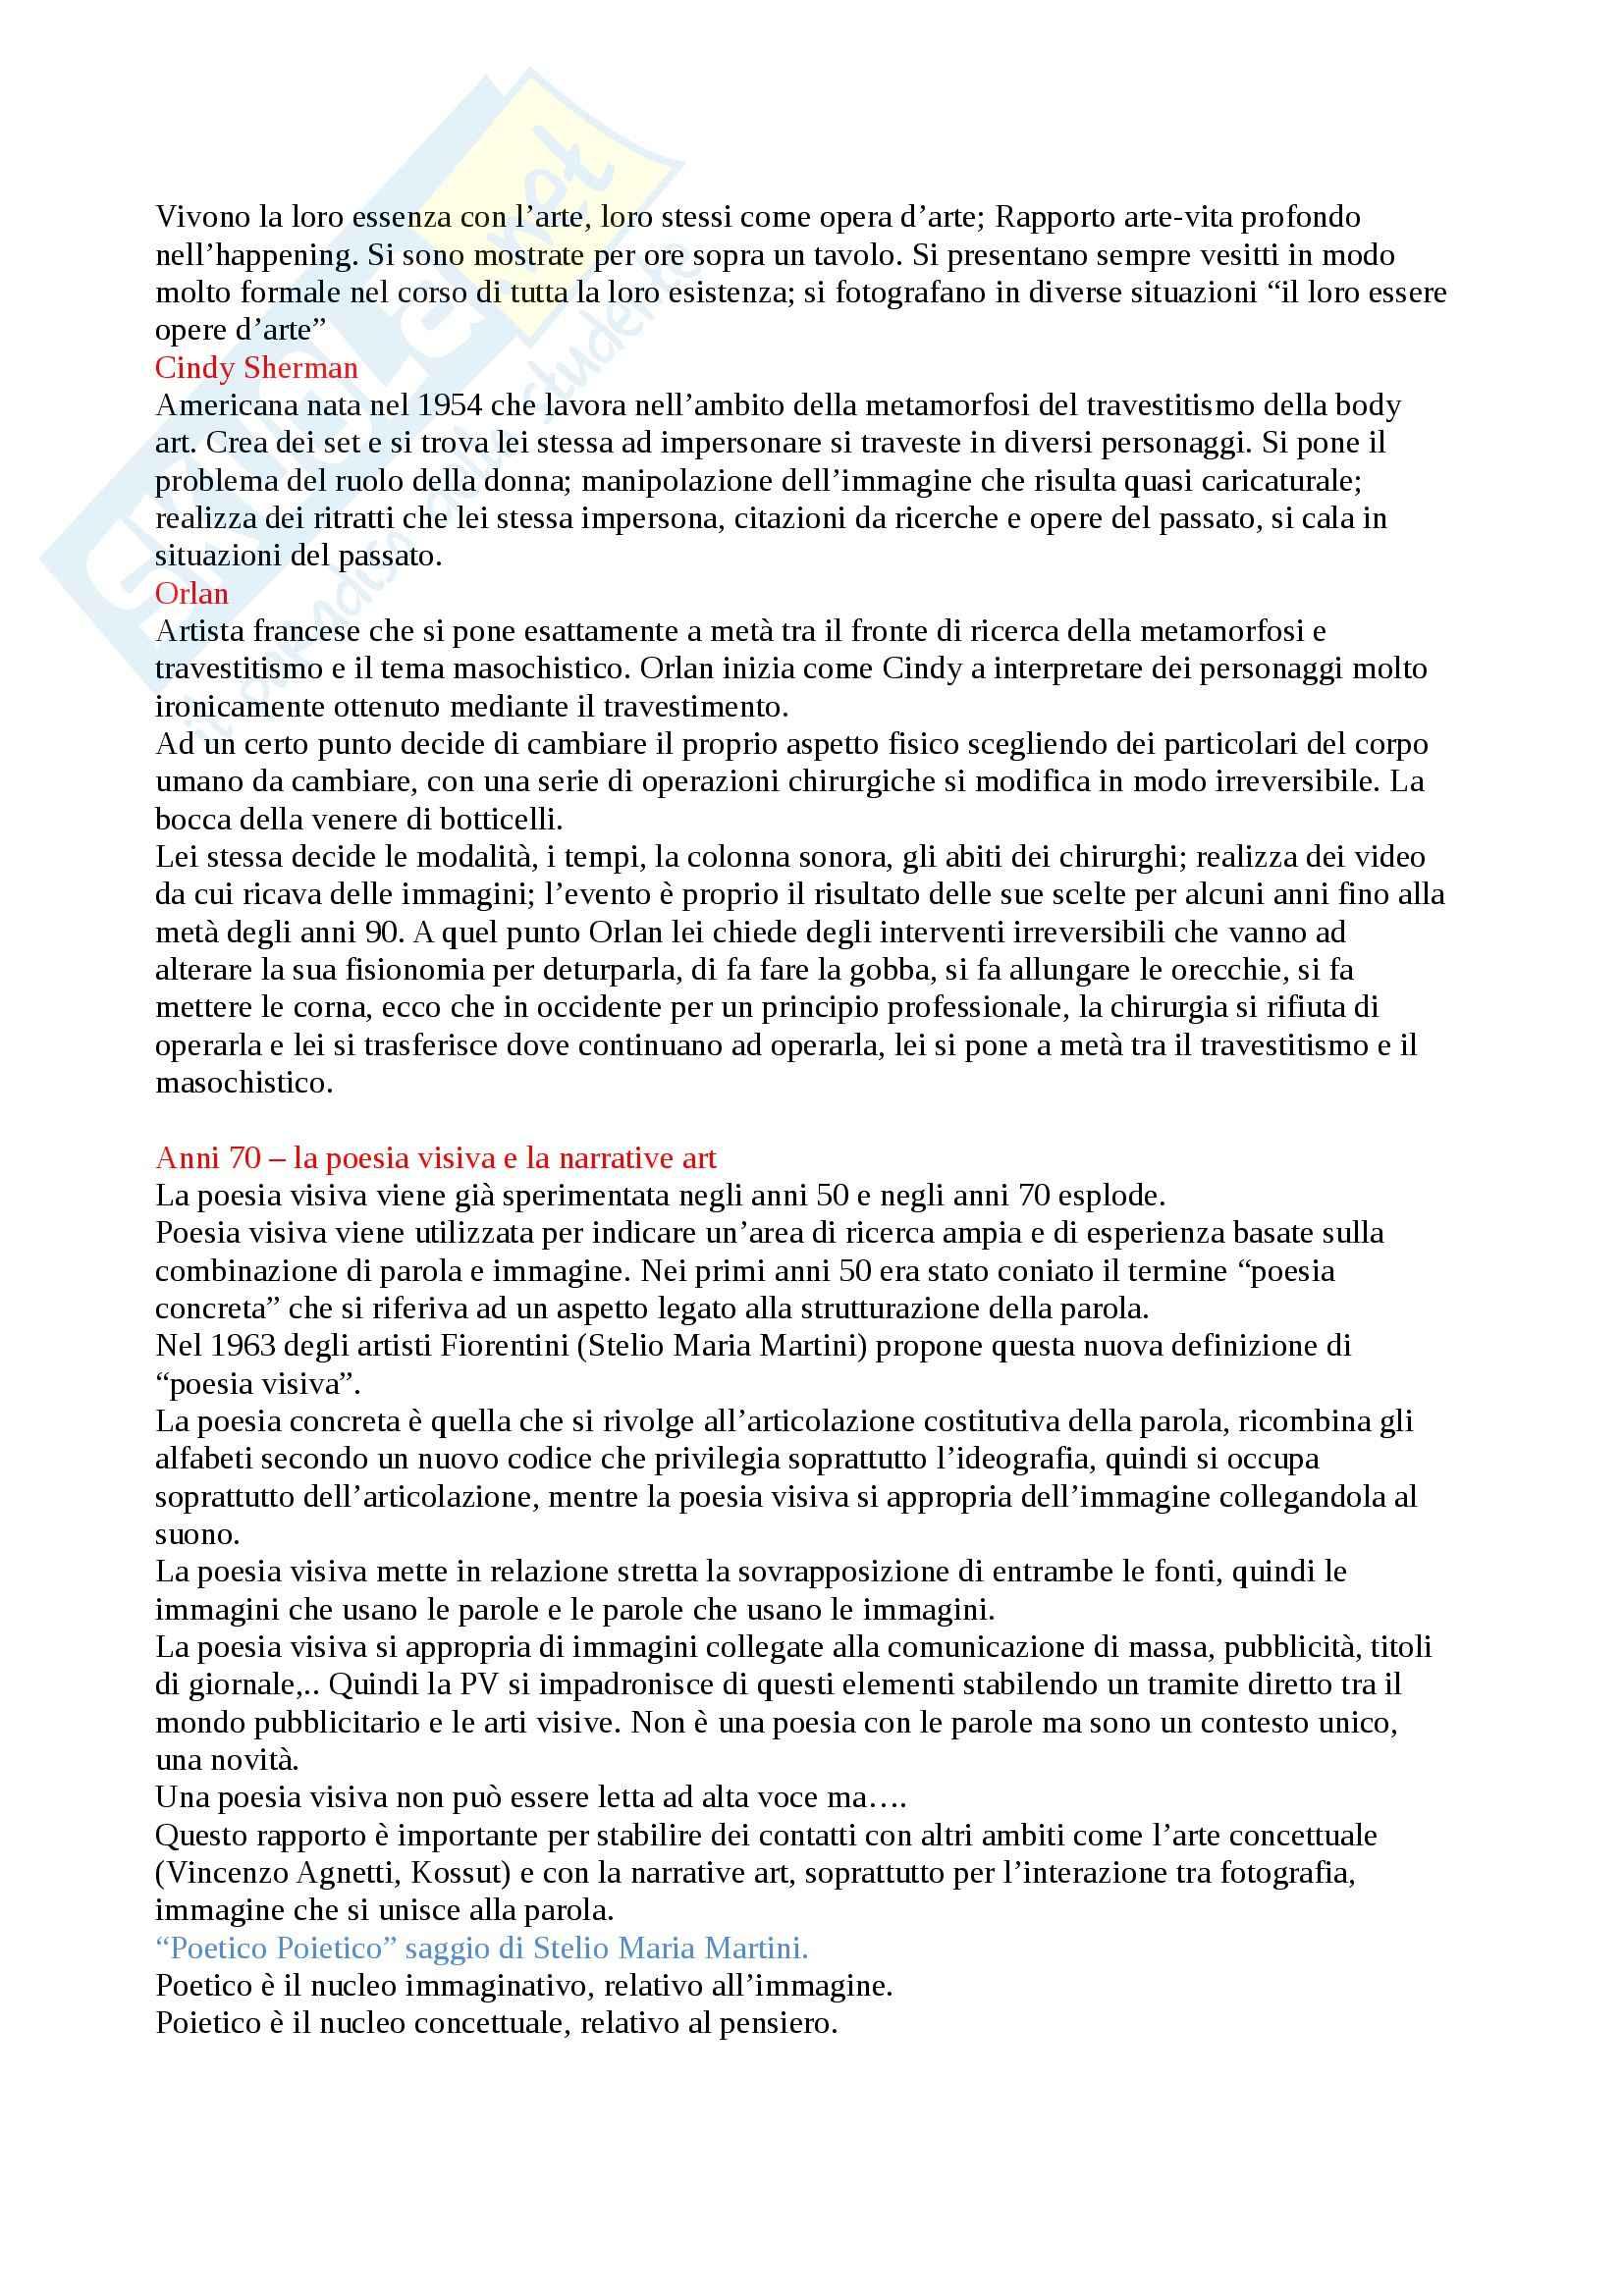 Storia dell'Arte Contemporanea - Appunti Pag. 21